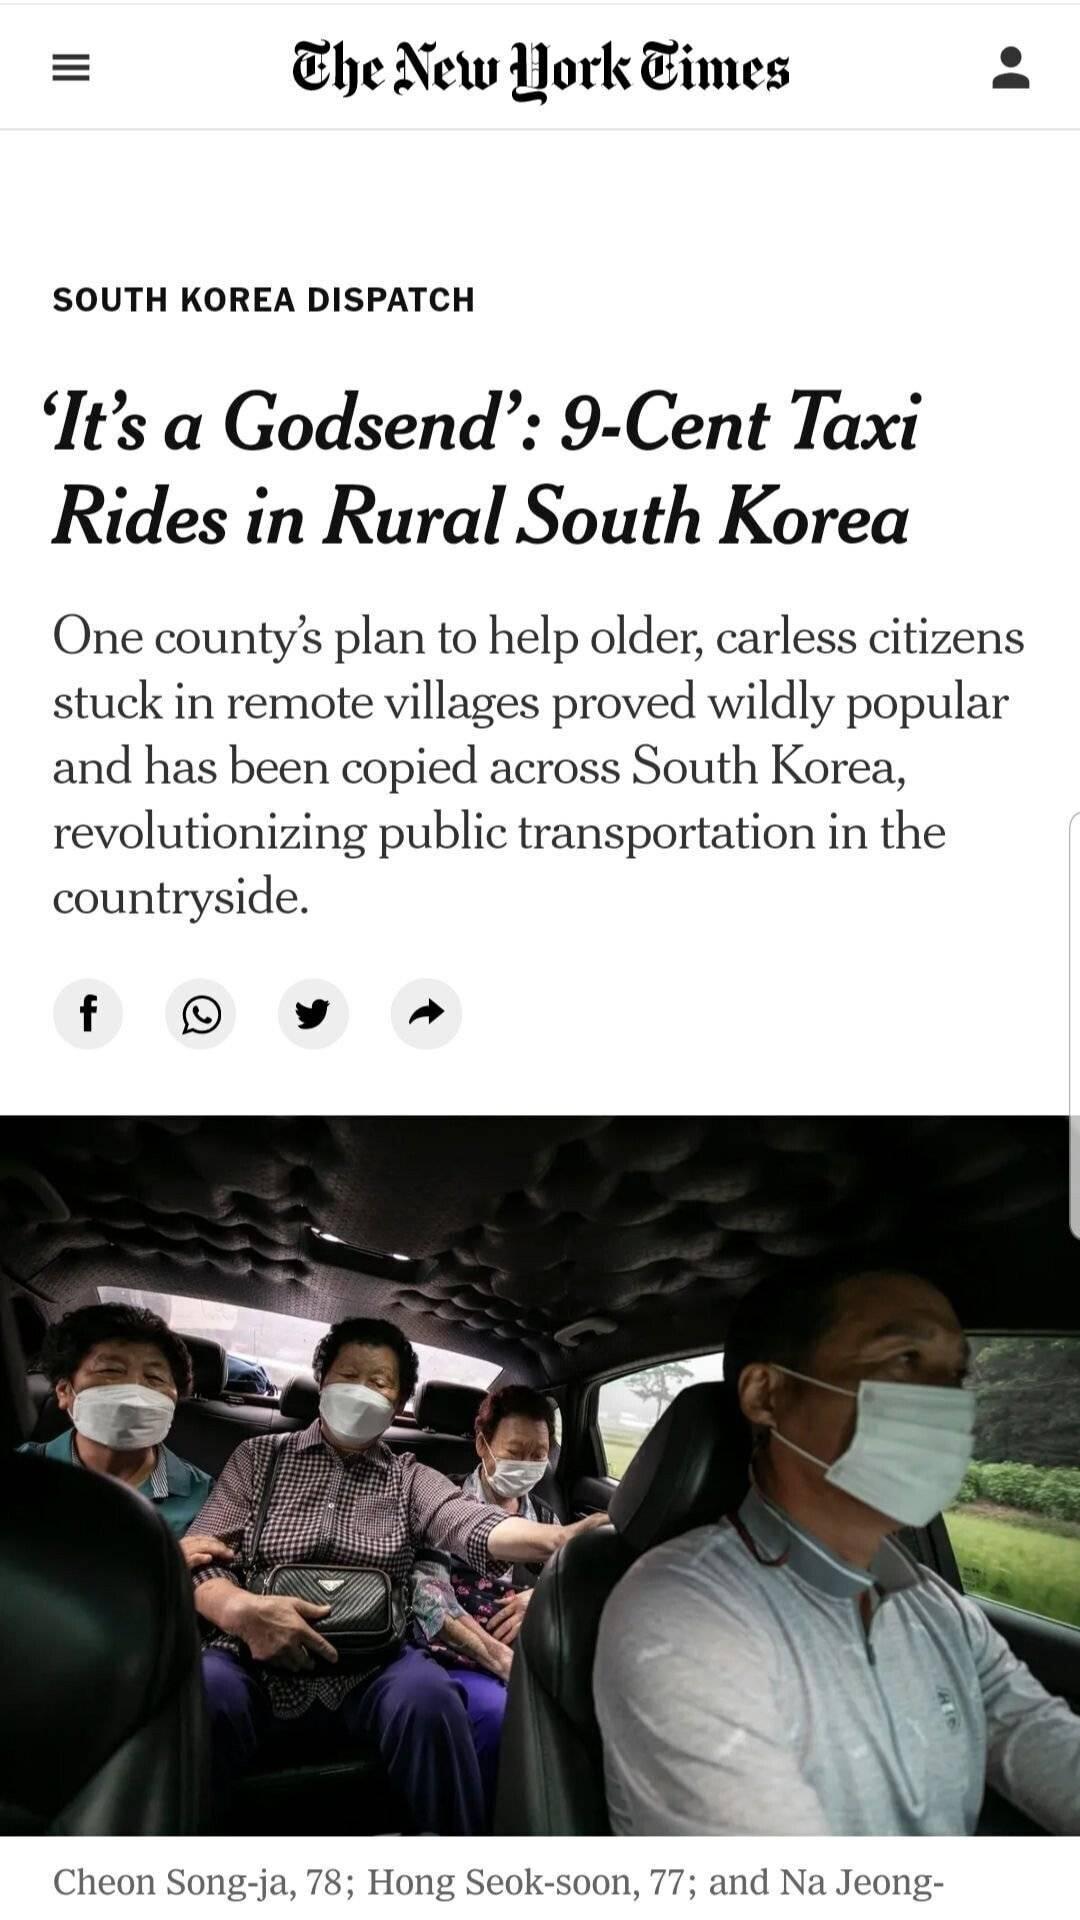 뉴욕타임즈에서 보도한 한국 시골의 교통수단.jpg | 인스티즈